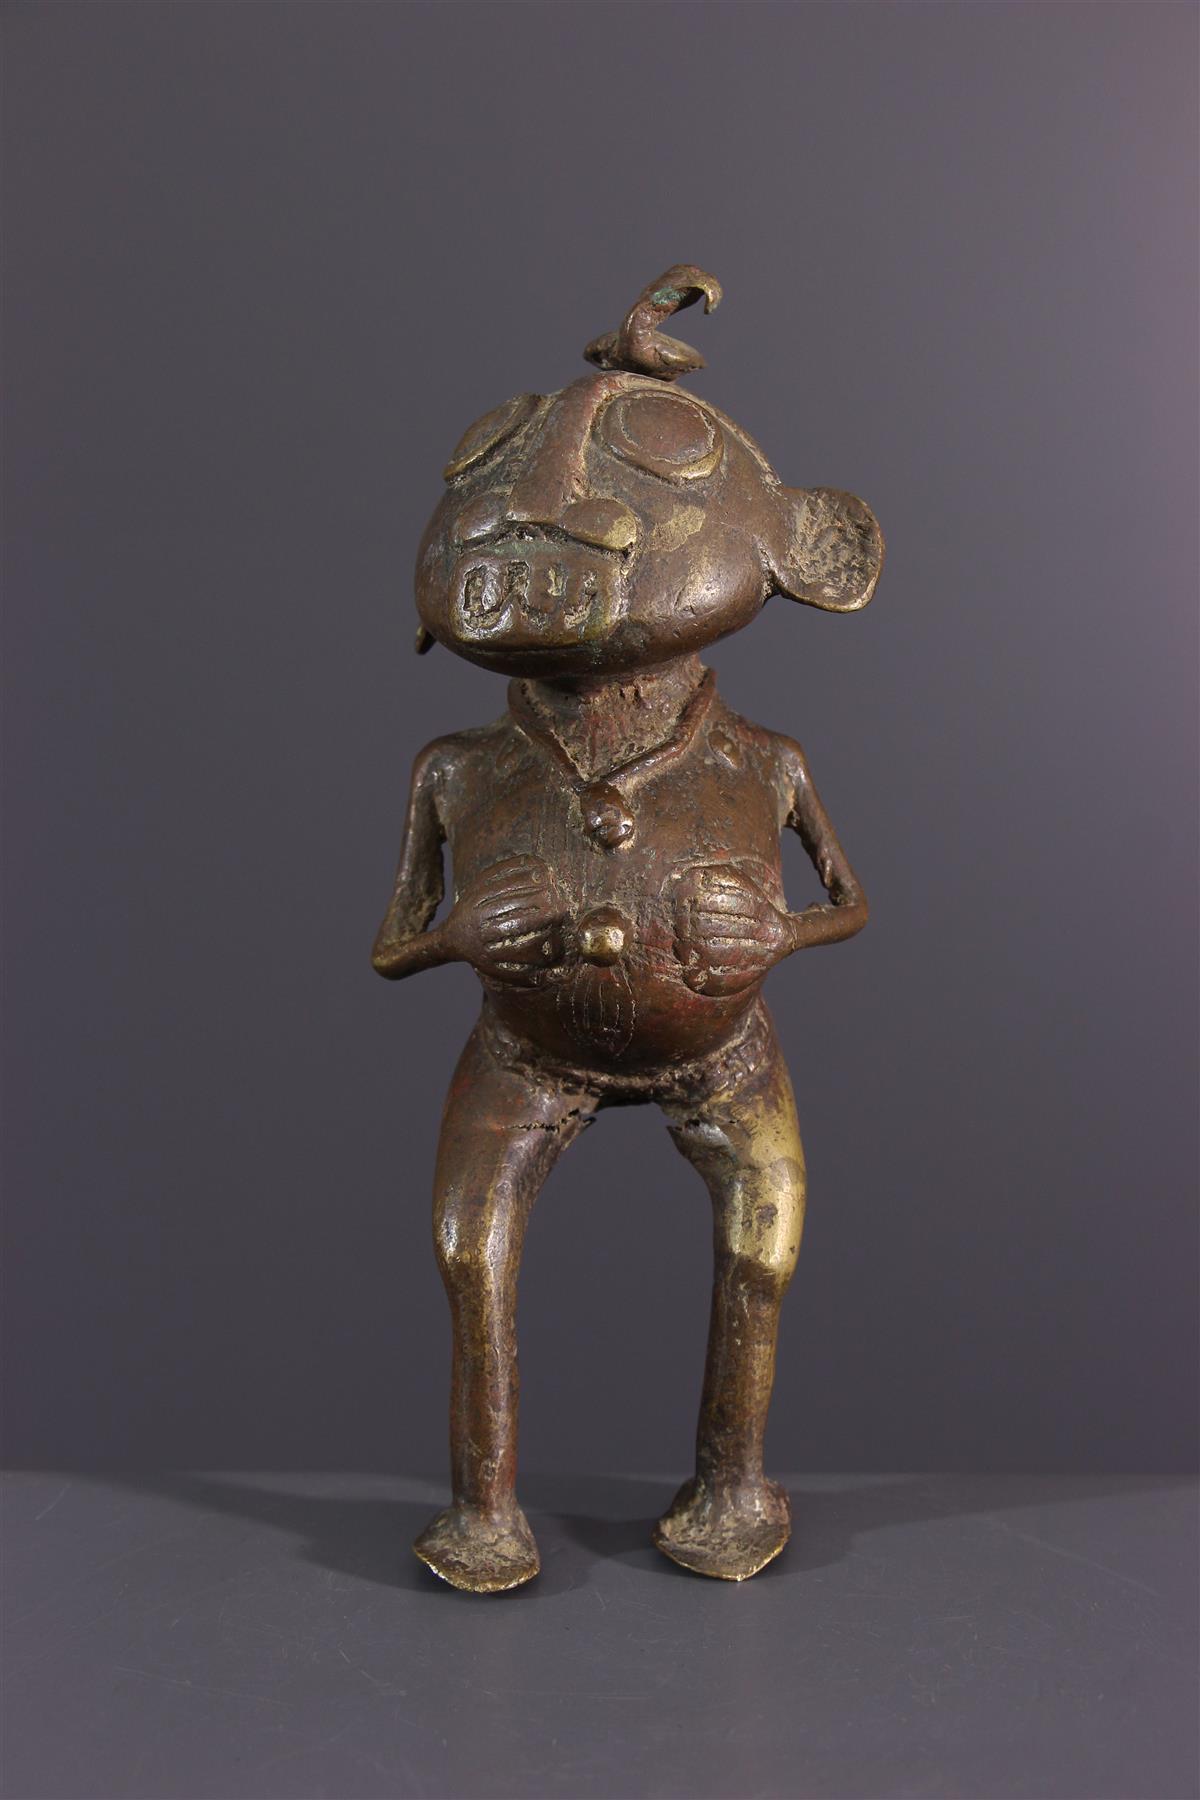 Tikar bronzen  - Afrikaanse kunst